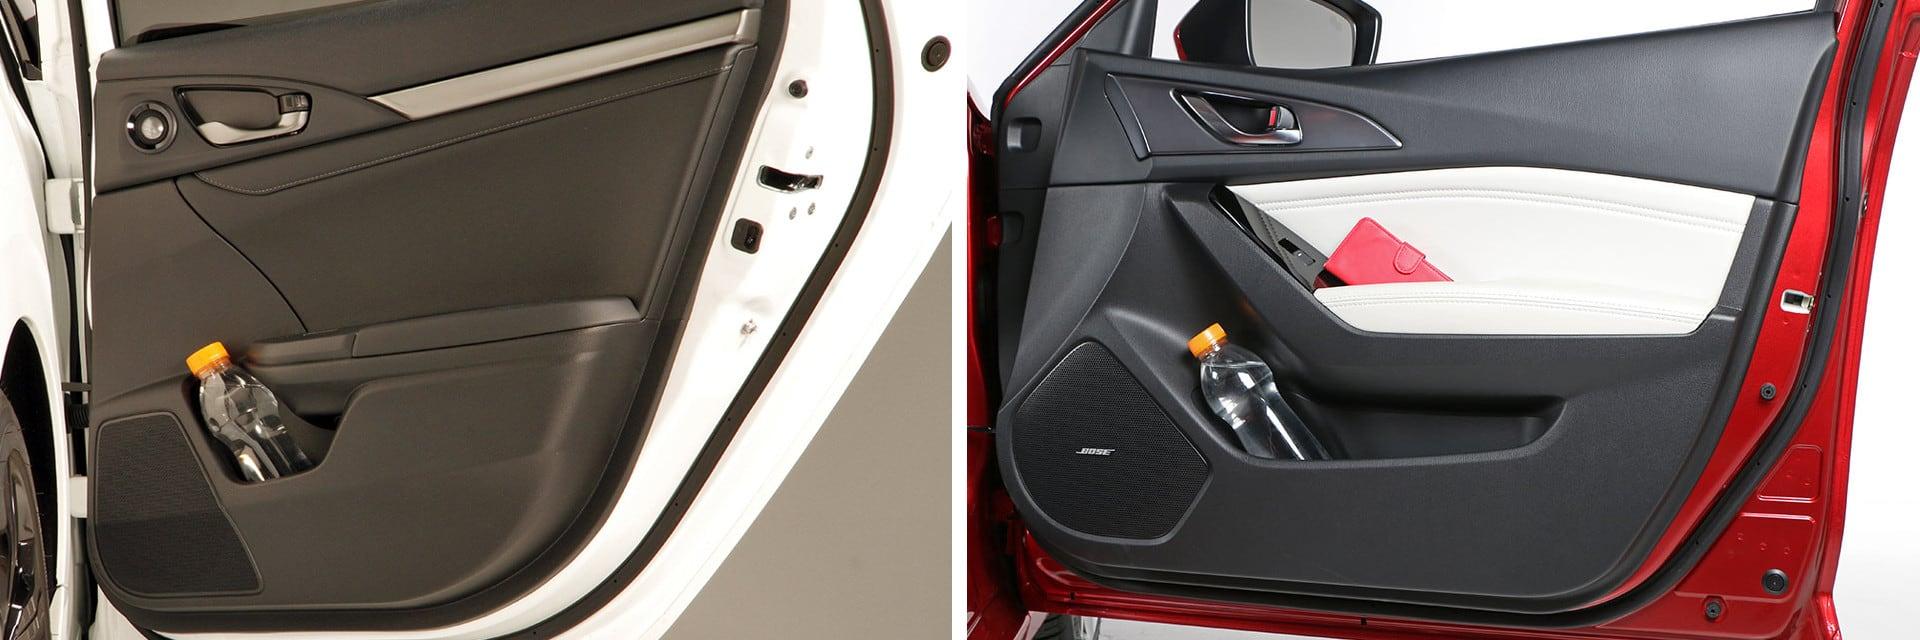 Ambos modelos tienen capacidad para poder guardar una botella de algo más de un litro en los huecos de las puertas traseras.